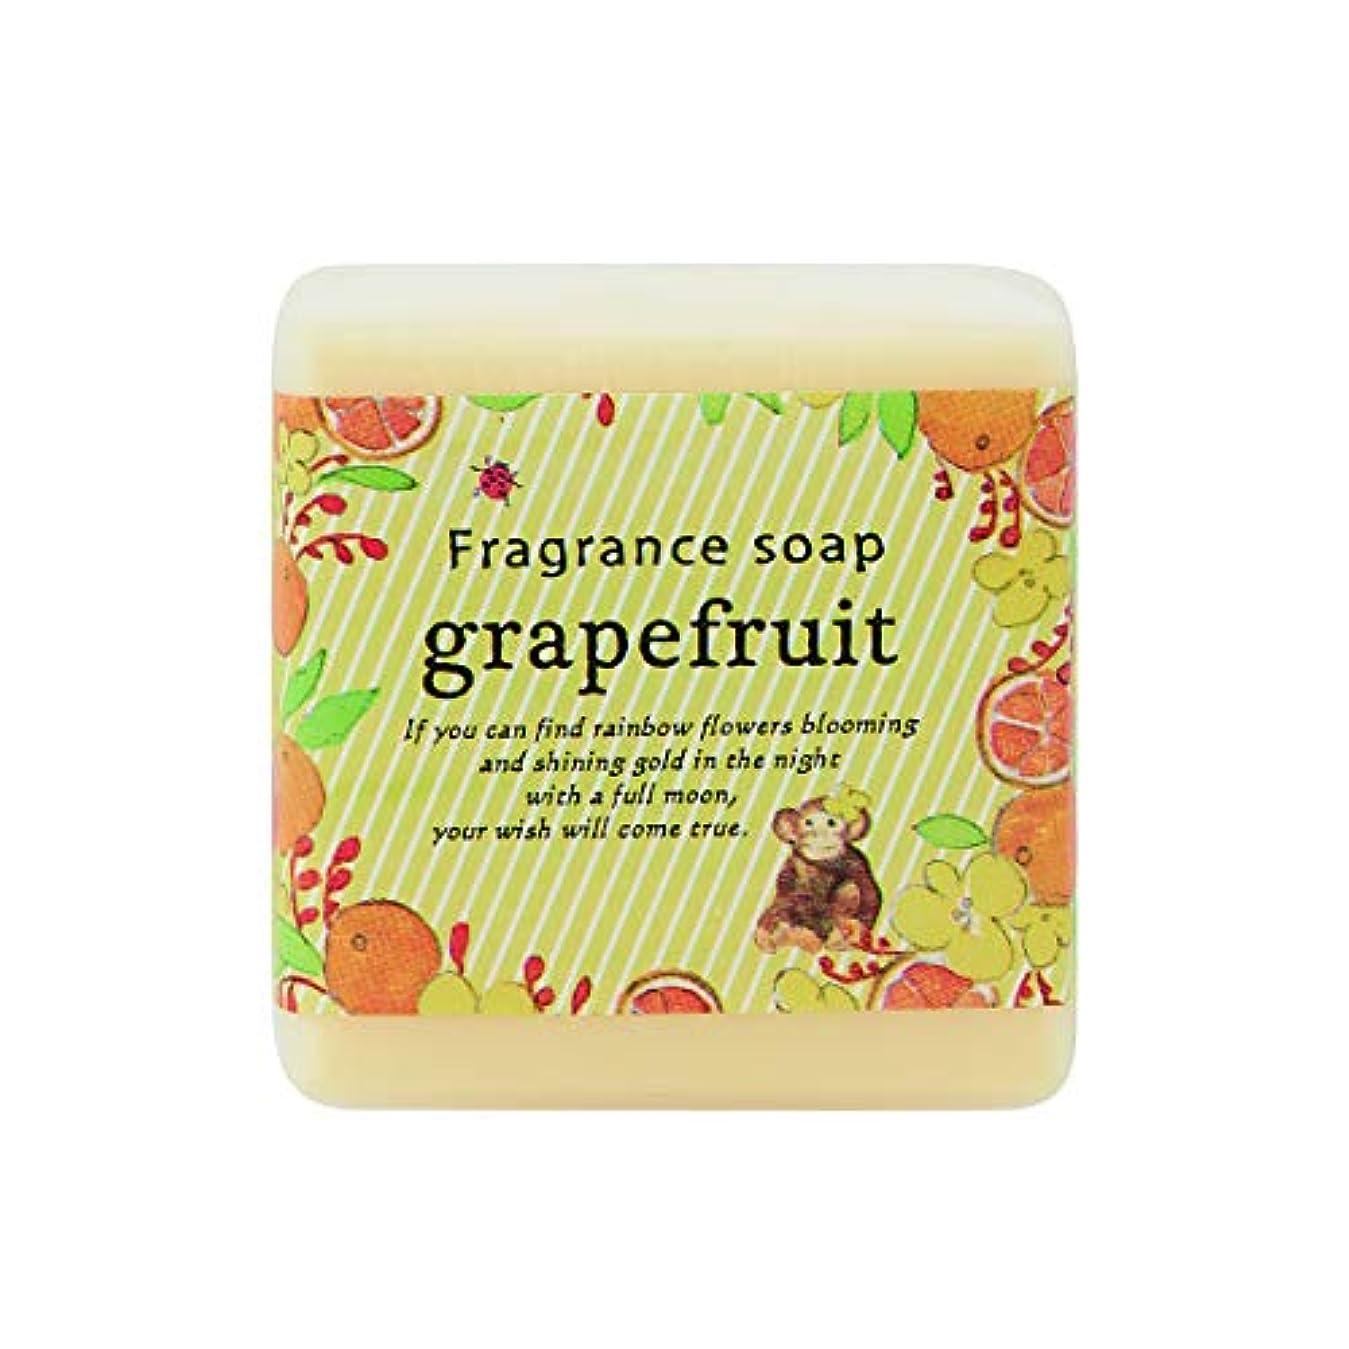 通行人本質的に努力サンハーブ フレグランスソープ40g グレープフルーツ 12個(プチ石けん ゲストソープ シャキっとまぶしい柑橘系の香り)